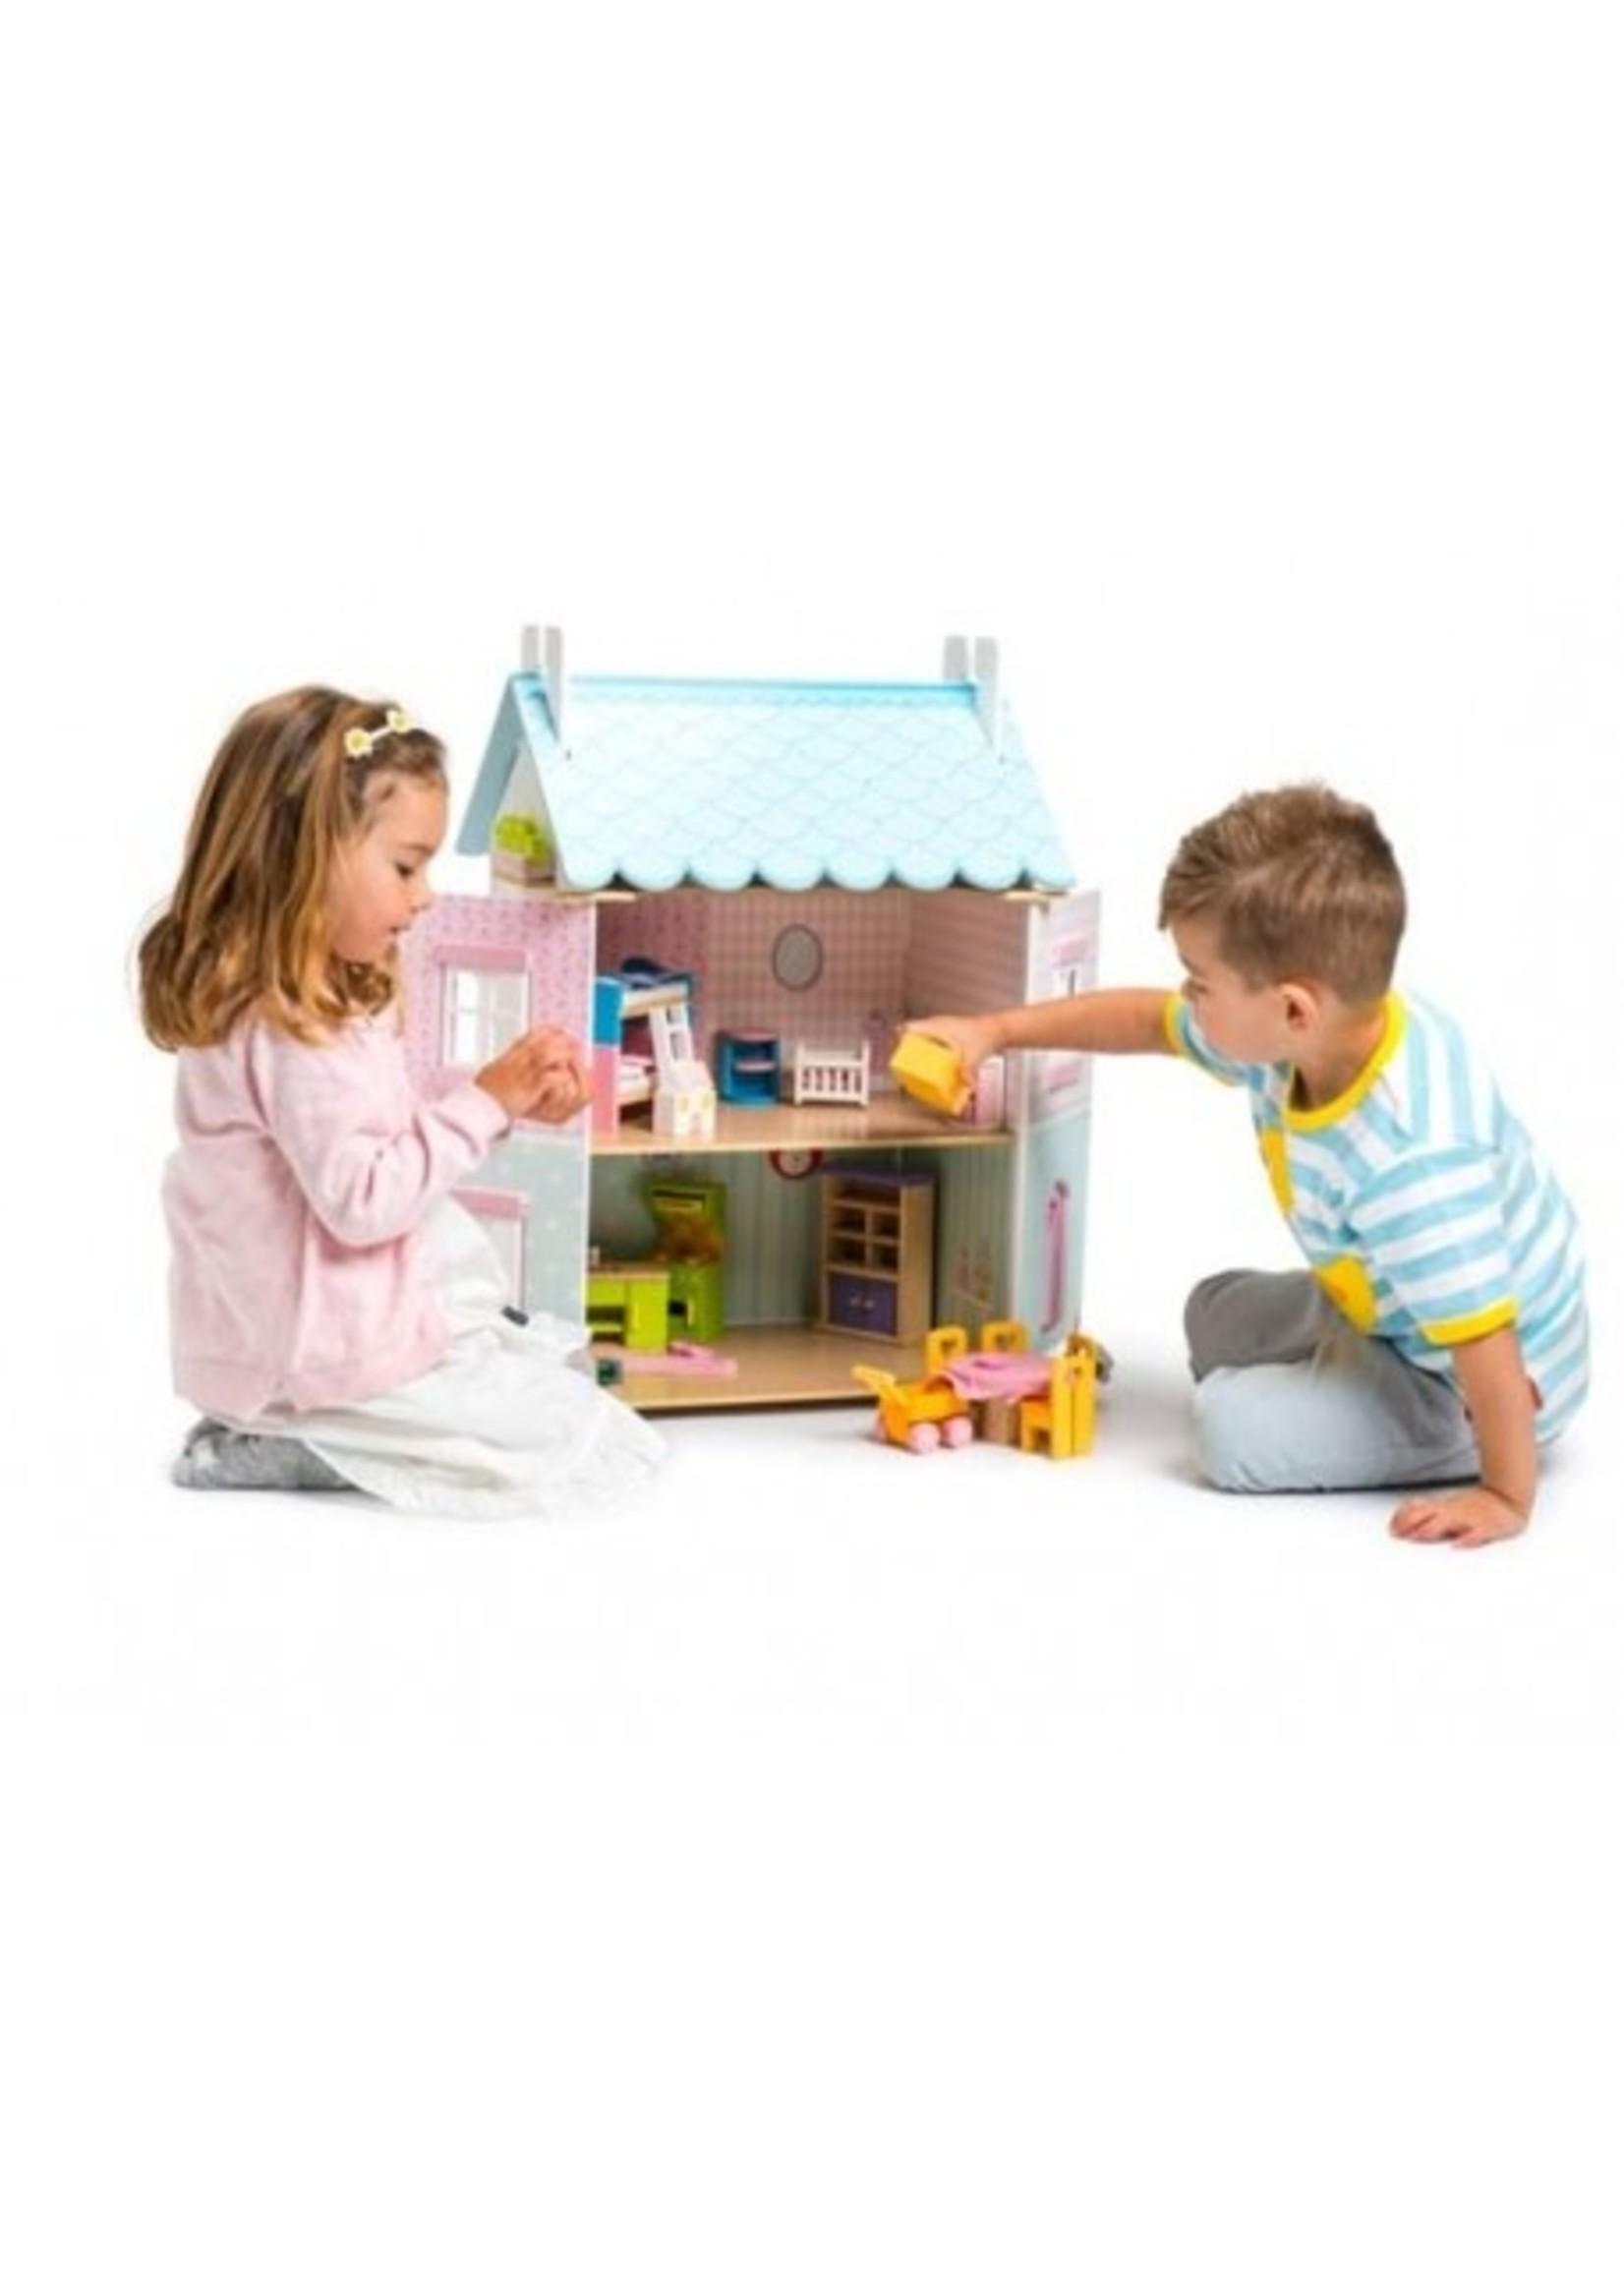 Le Toy Van Maison de poupée Blue bird cottage